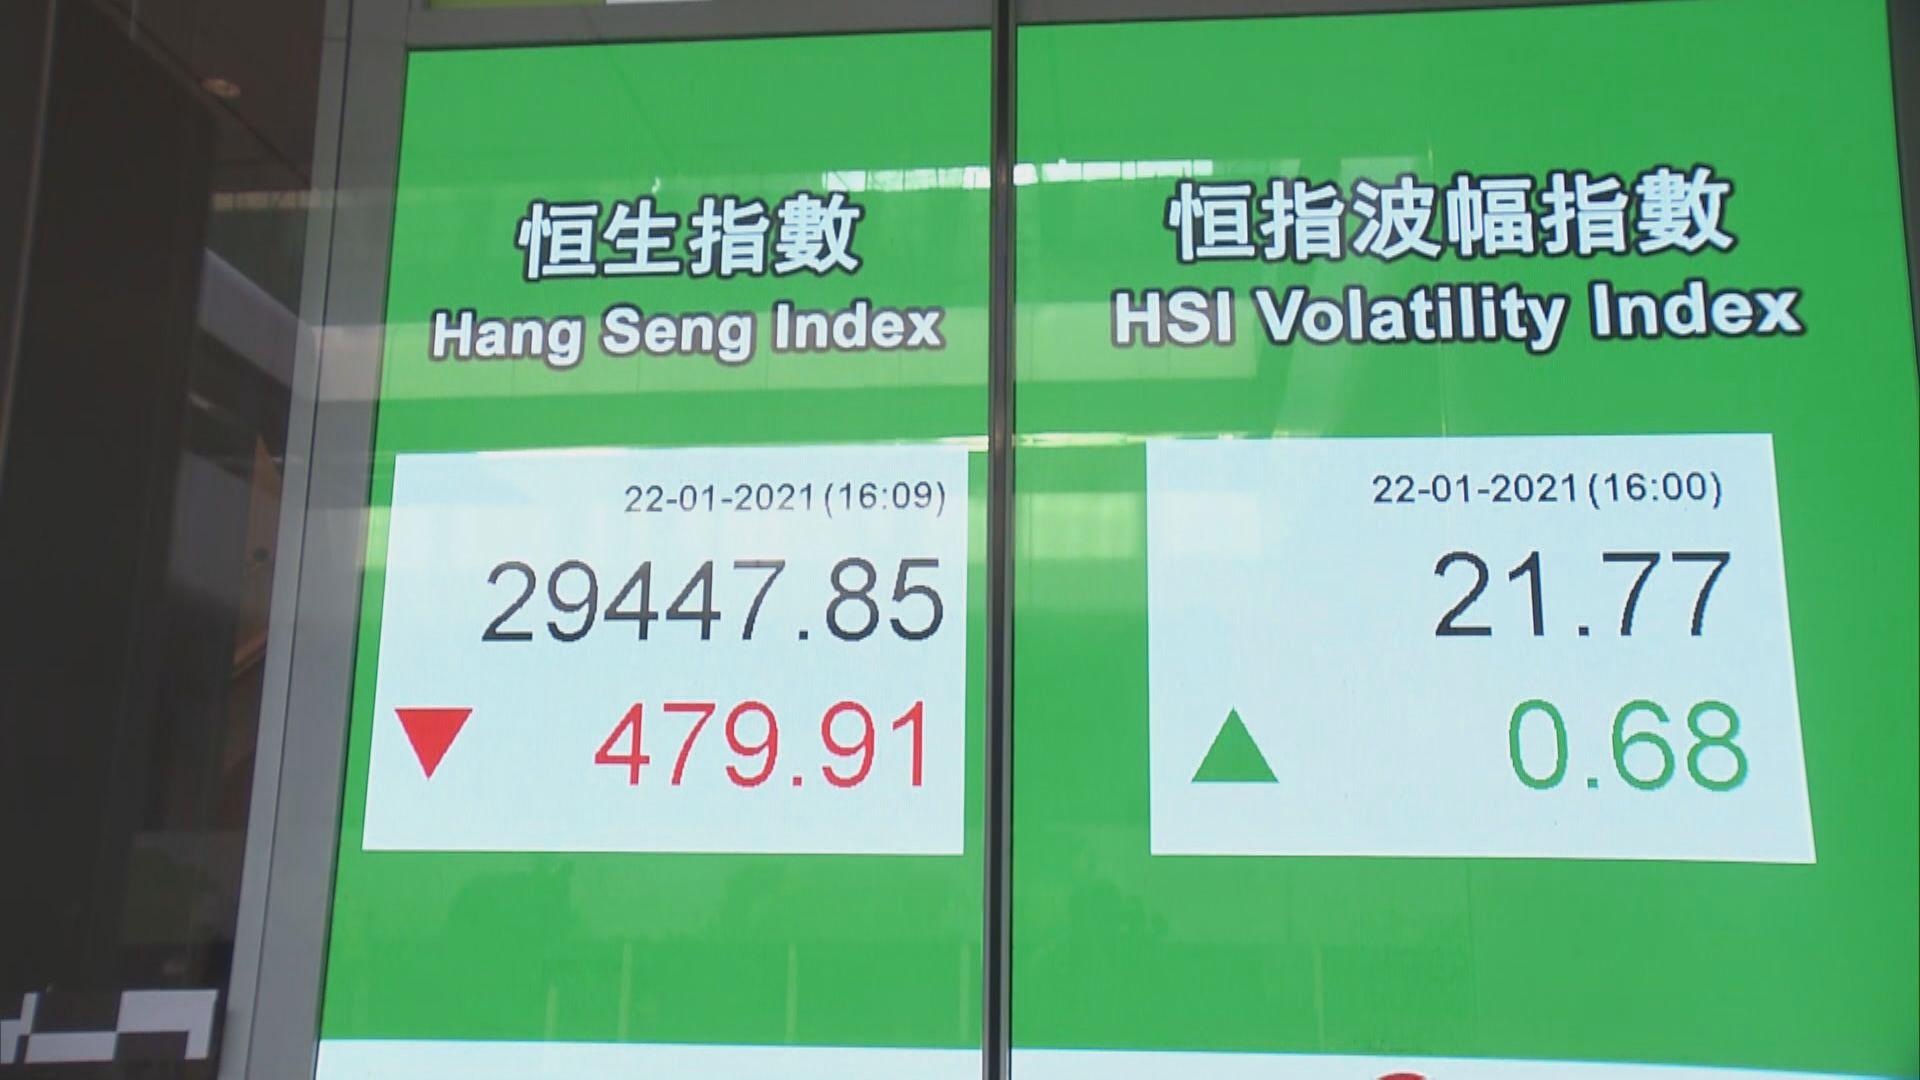 急散「水」!港股短期較Chok 下月再戰高位